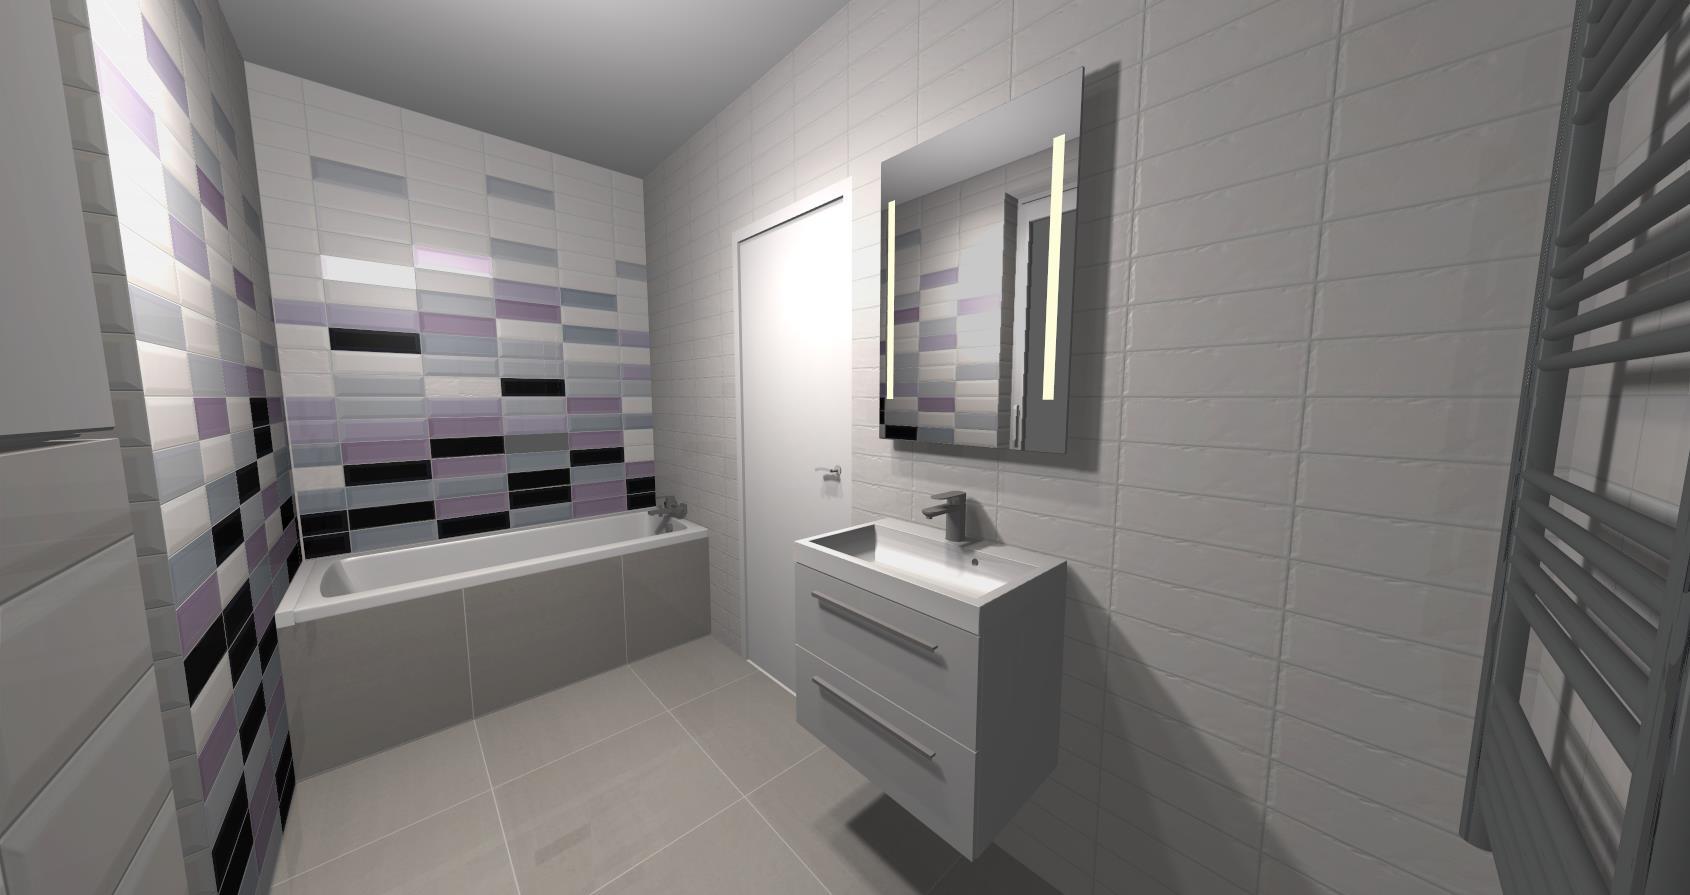 Projekty łazienek Wójcik Małopolska